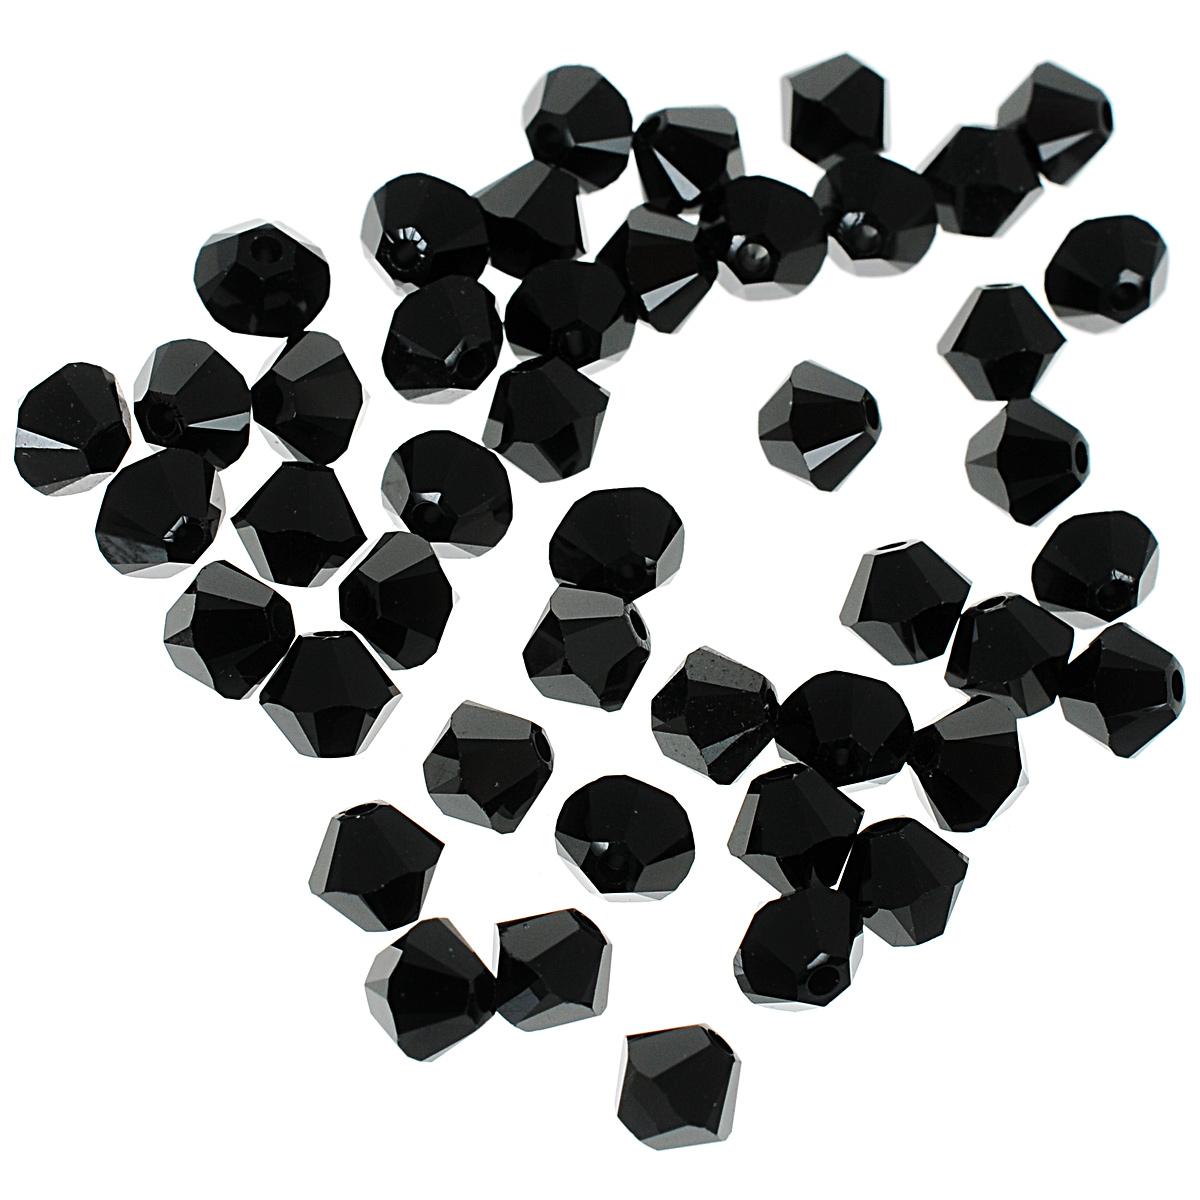 Бусины Swarovski Elements, цвет: черный (jet), диаметр 4 мм, 50 шт